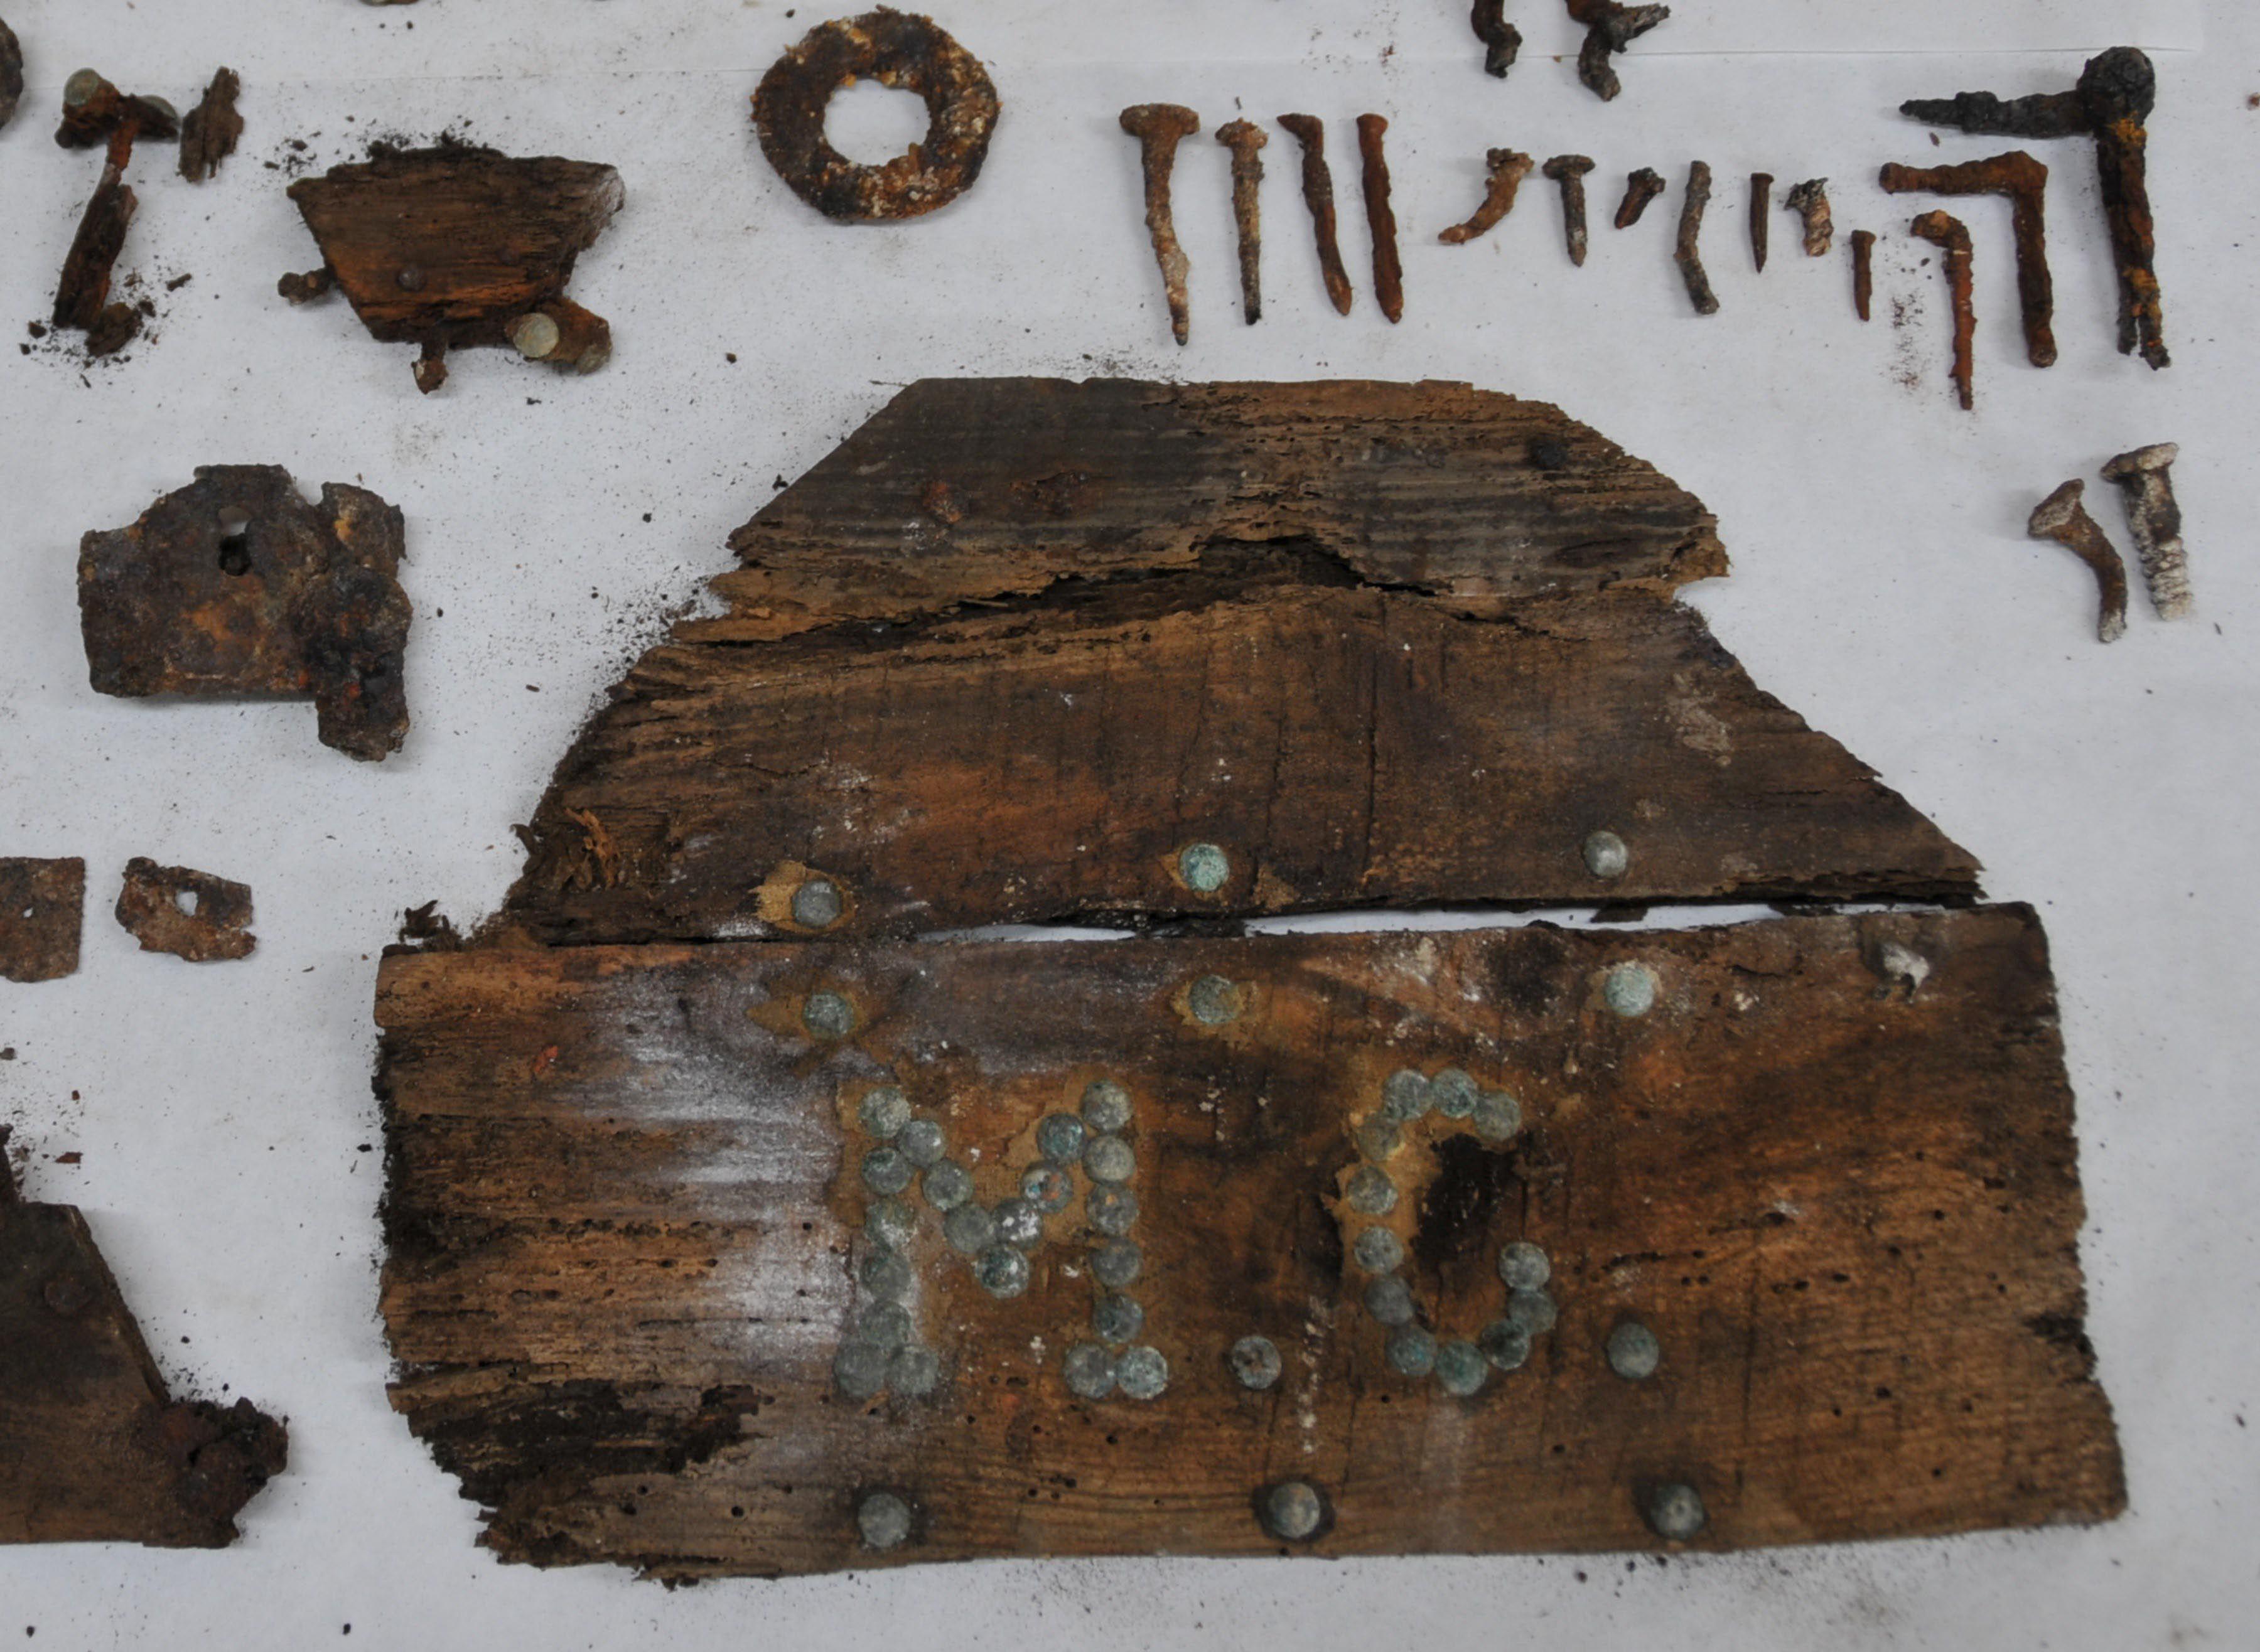 Las iniciales de Miguel de Cervantes en la tapa del ataúd